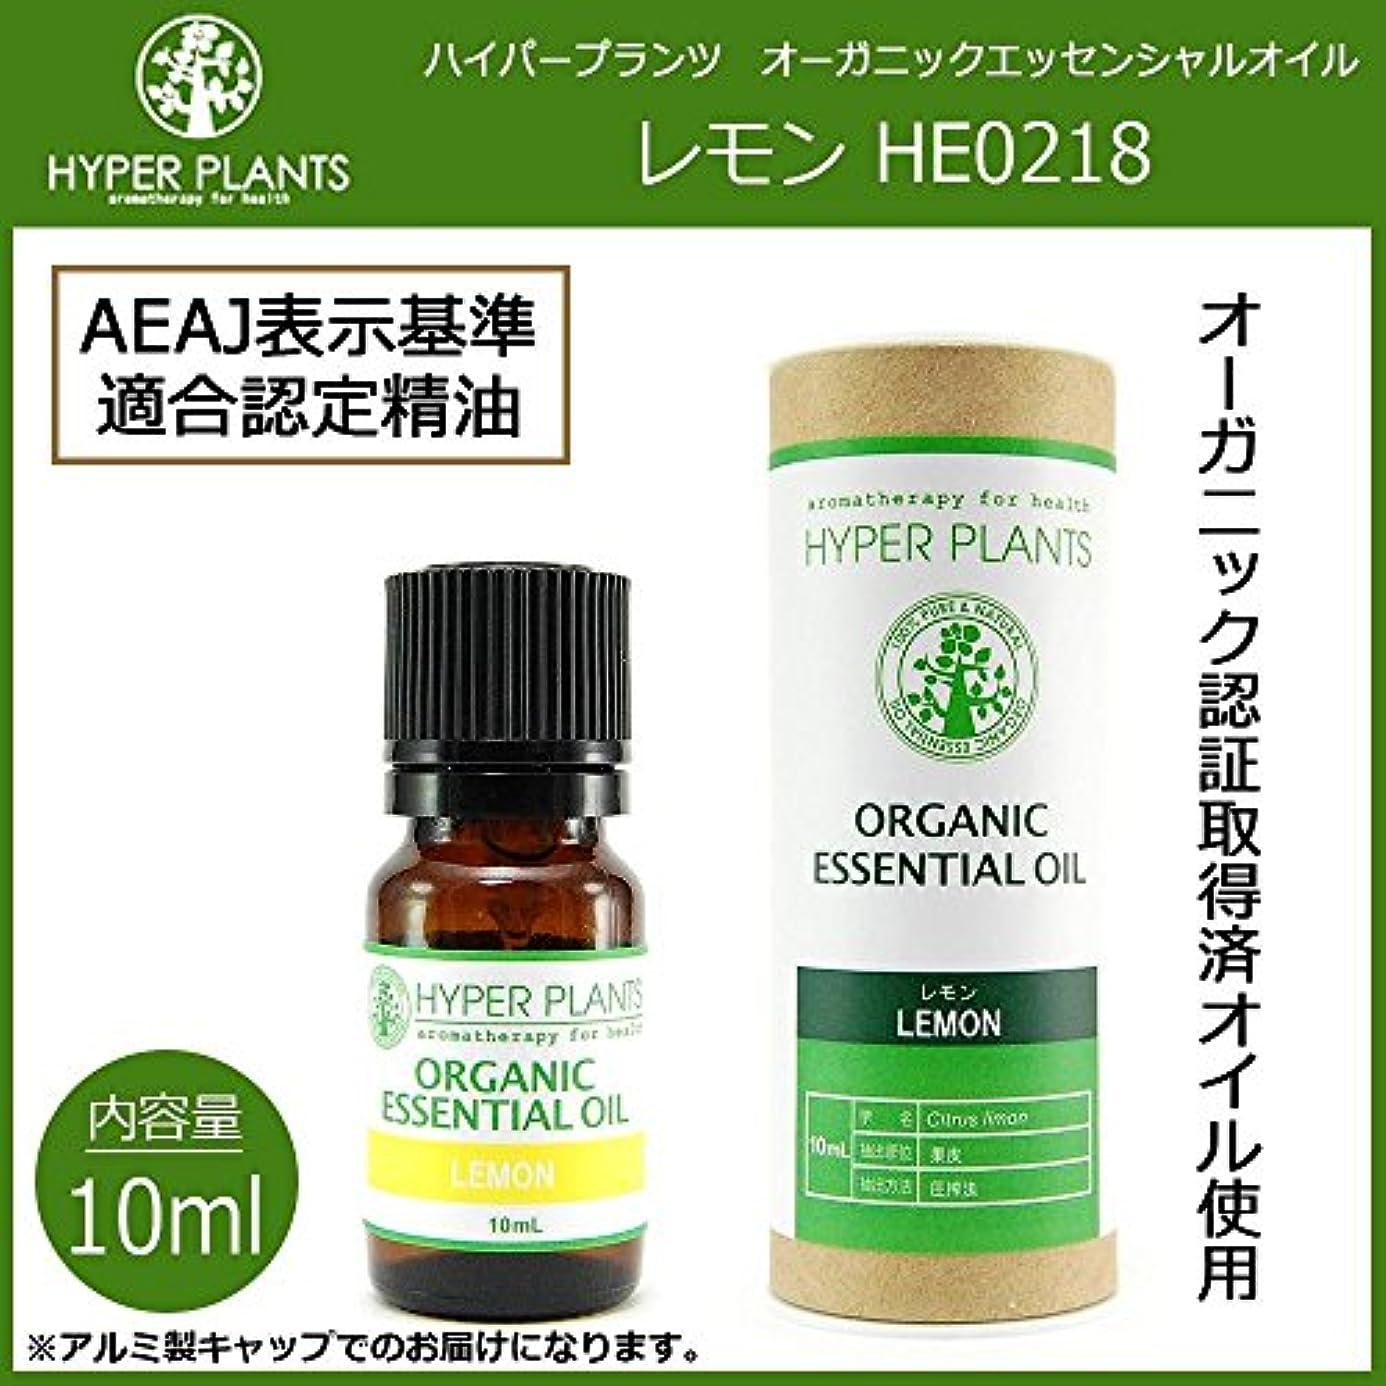 安らぎソロ溶かすHYPER PLANTS ハイパープランツ オーガニックエッセンシャルオイル レモン 10ml HE0218